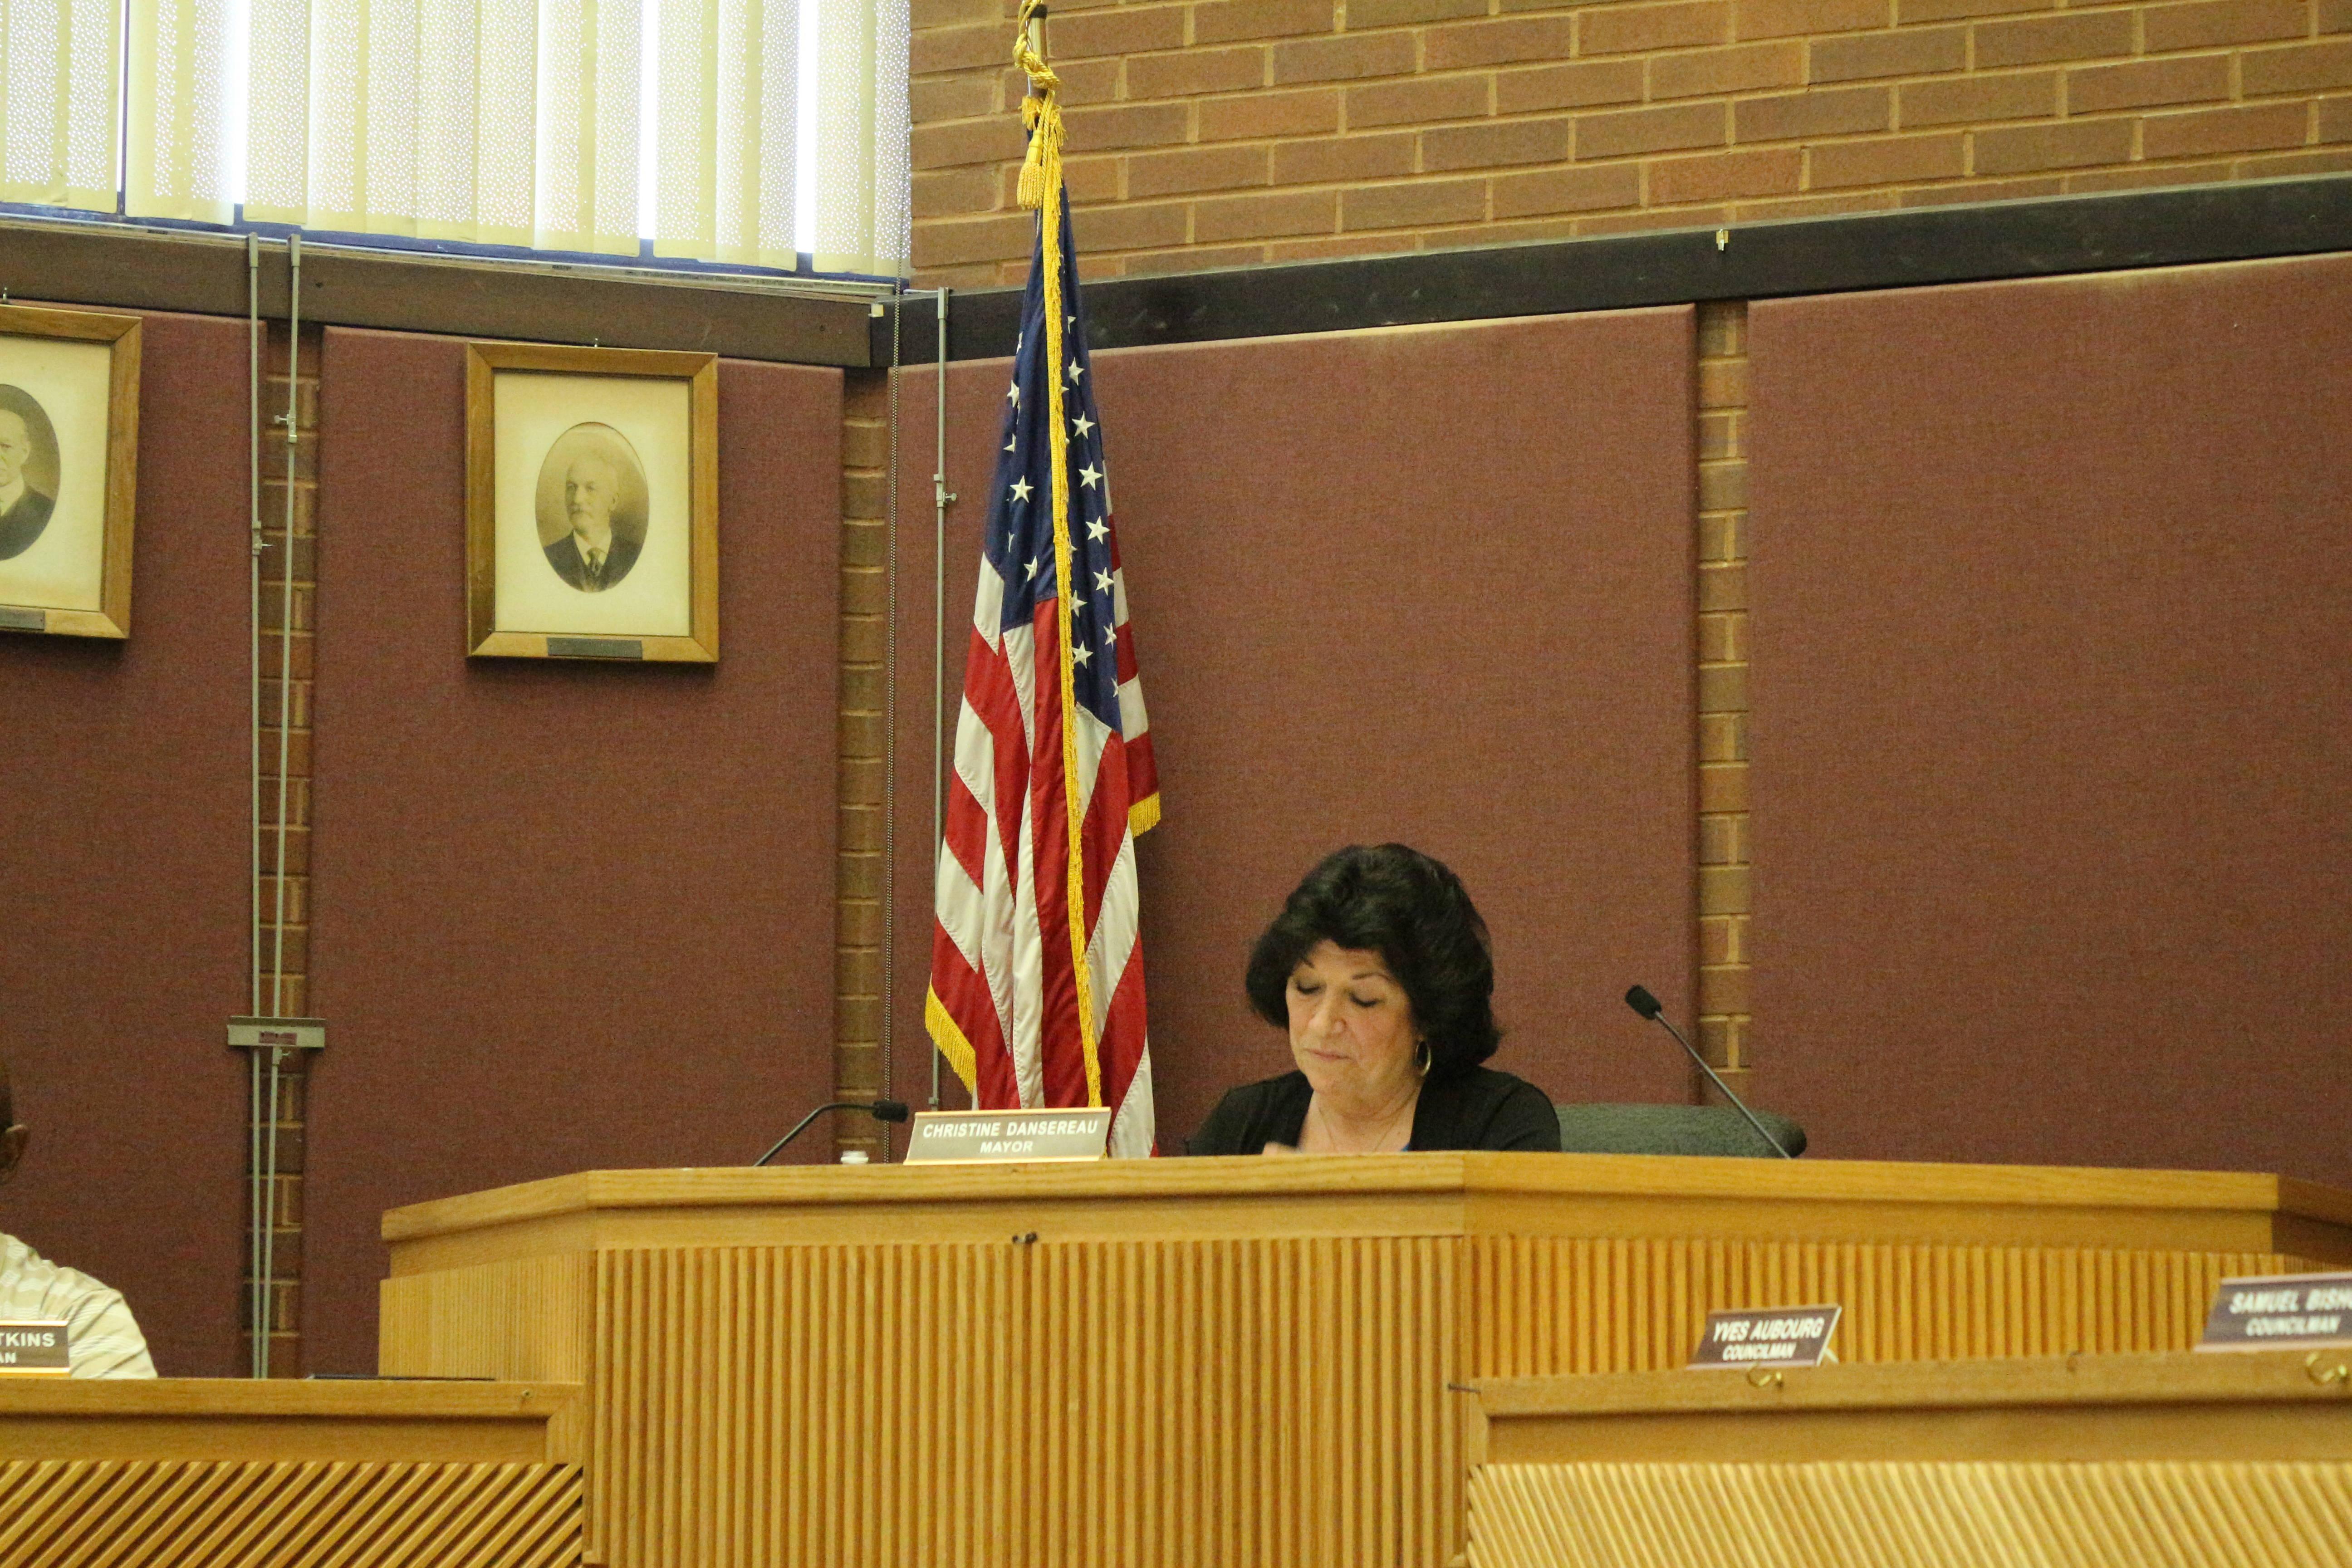 ca2cc13a41733fc01c23_roselle_council_meeting_10.JPG